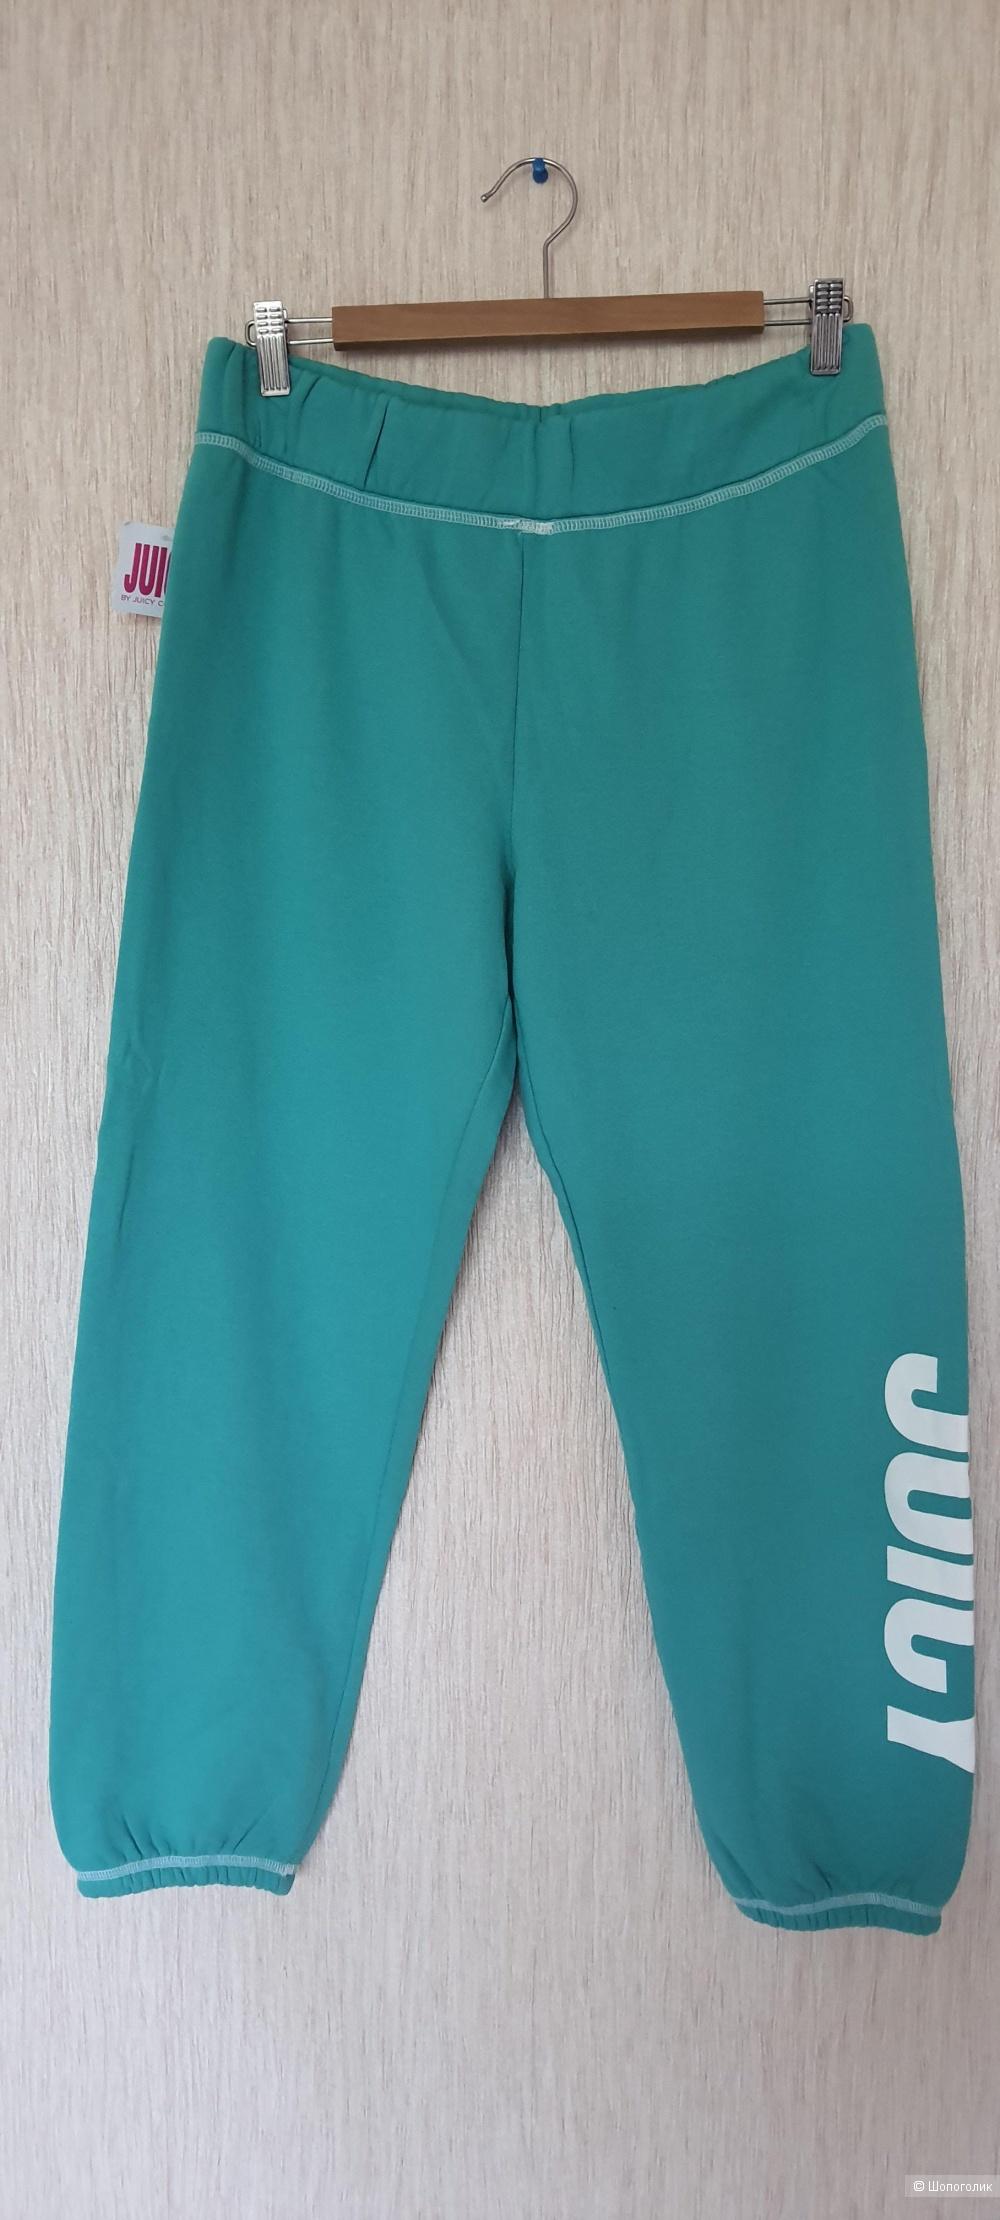 Спортивные брючки Juicy Couture размер М